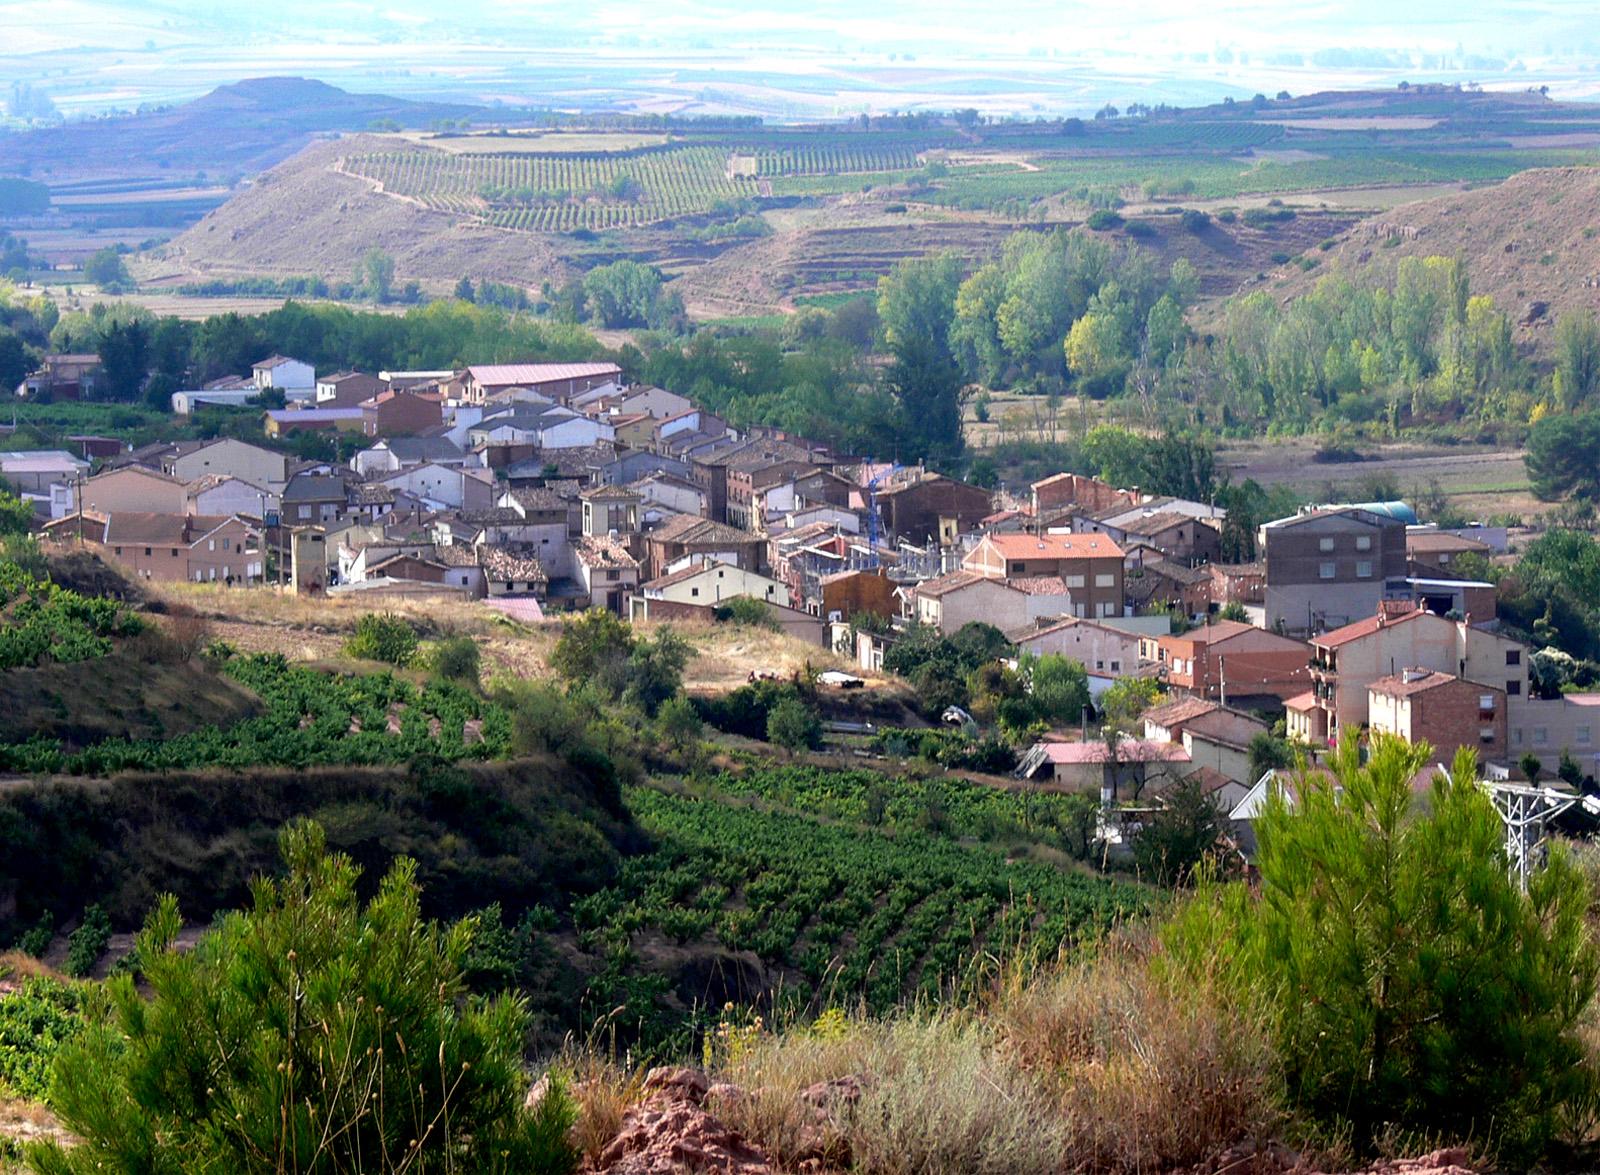 C rdenas la rioja wikipedia la enciclopedia libre for Alojamiento en la rioja espana